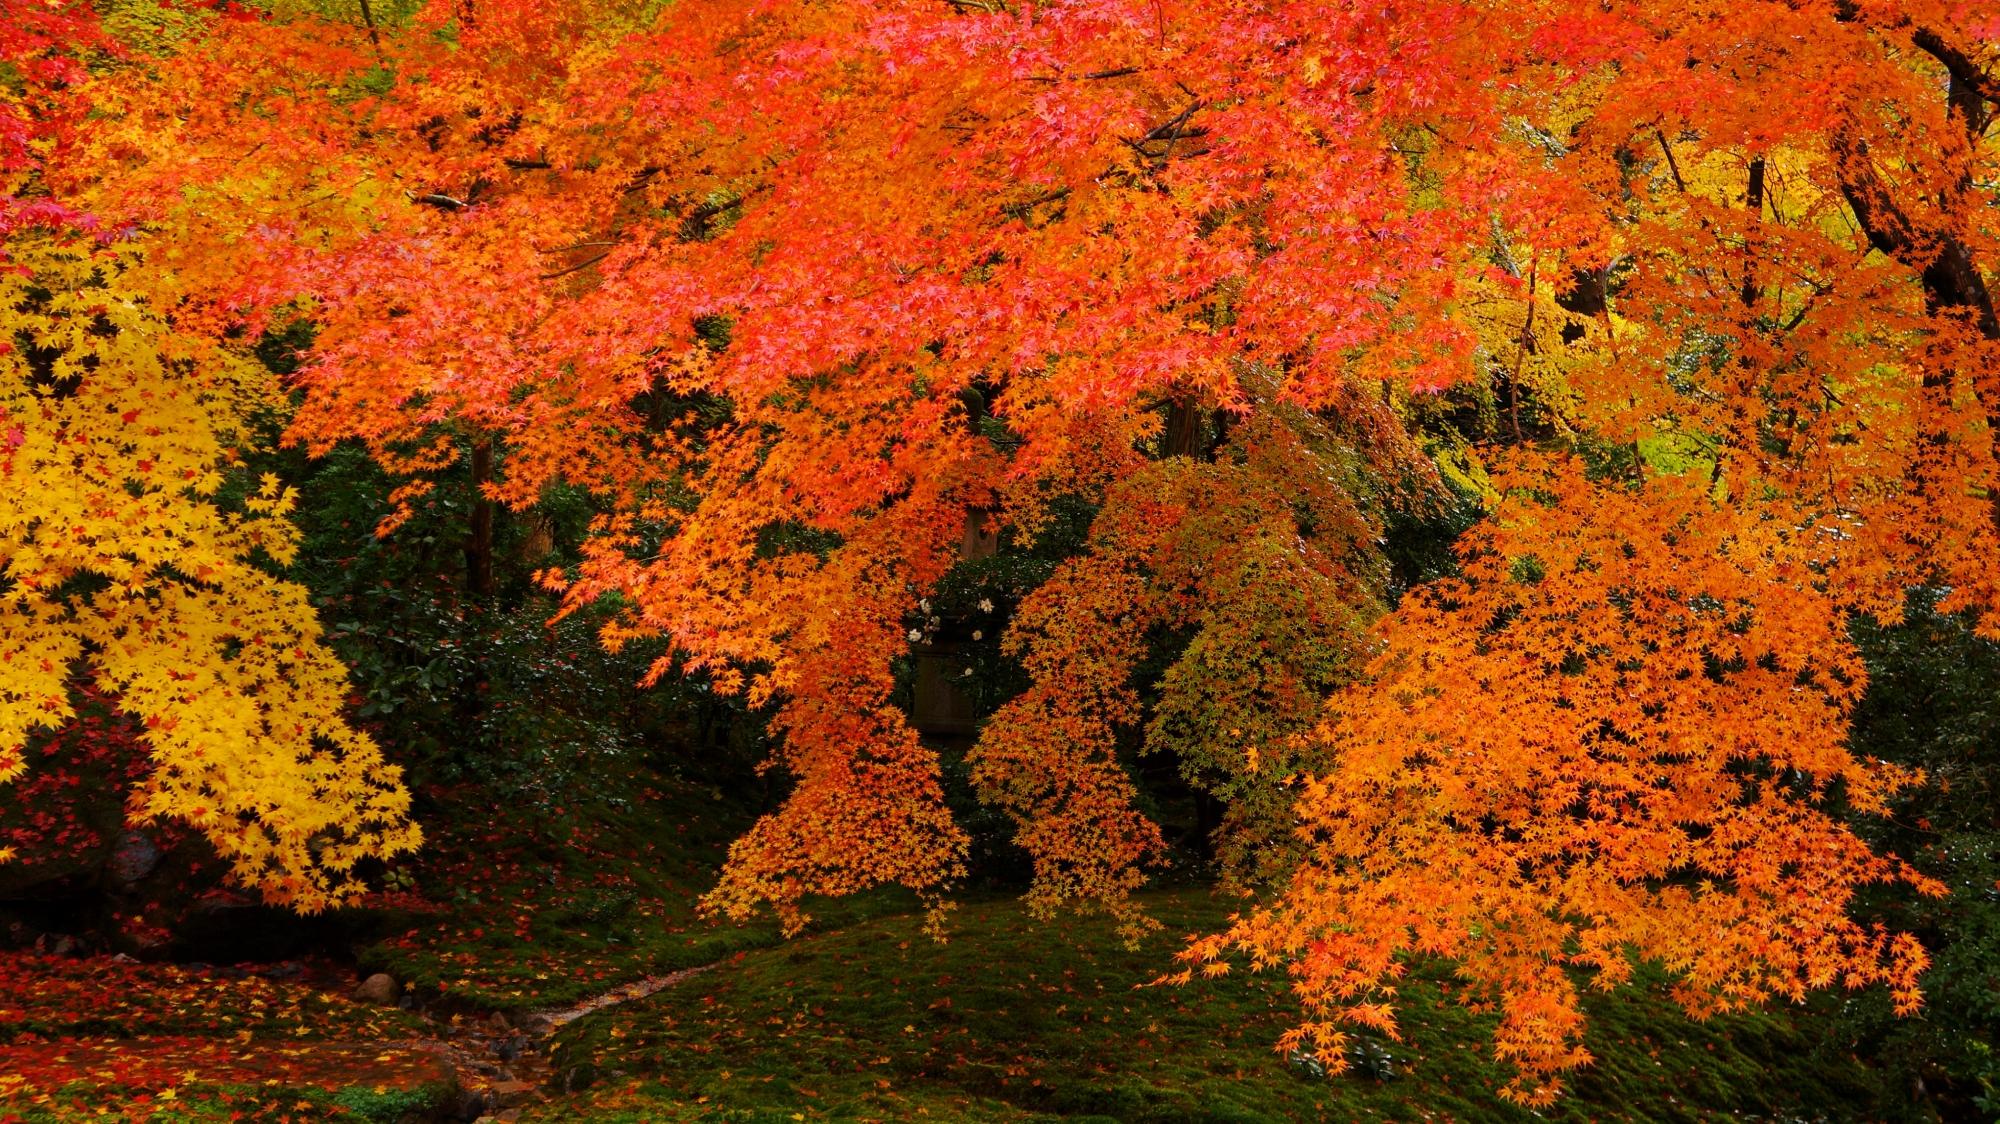 瑠璃の庭の秋色の紅葉の空間